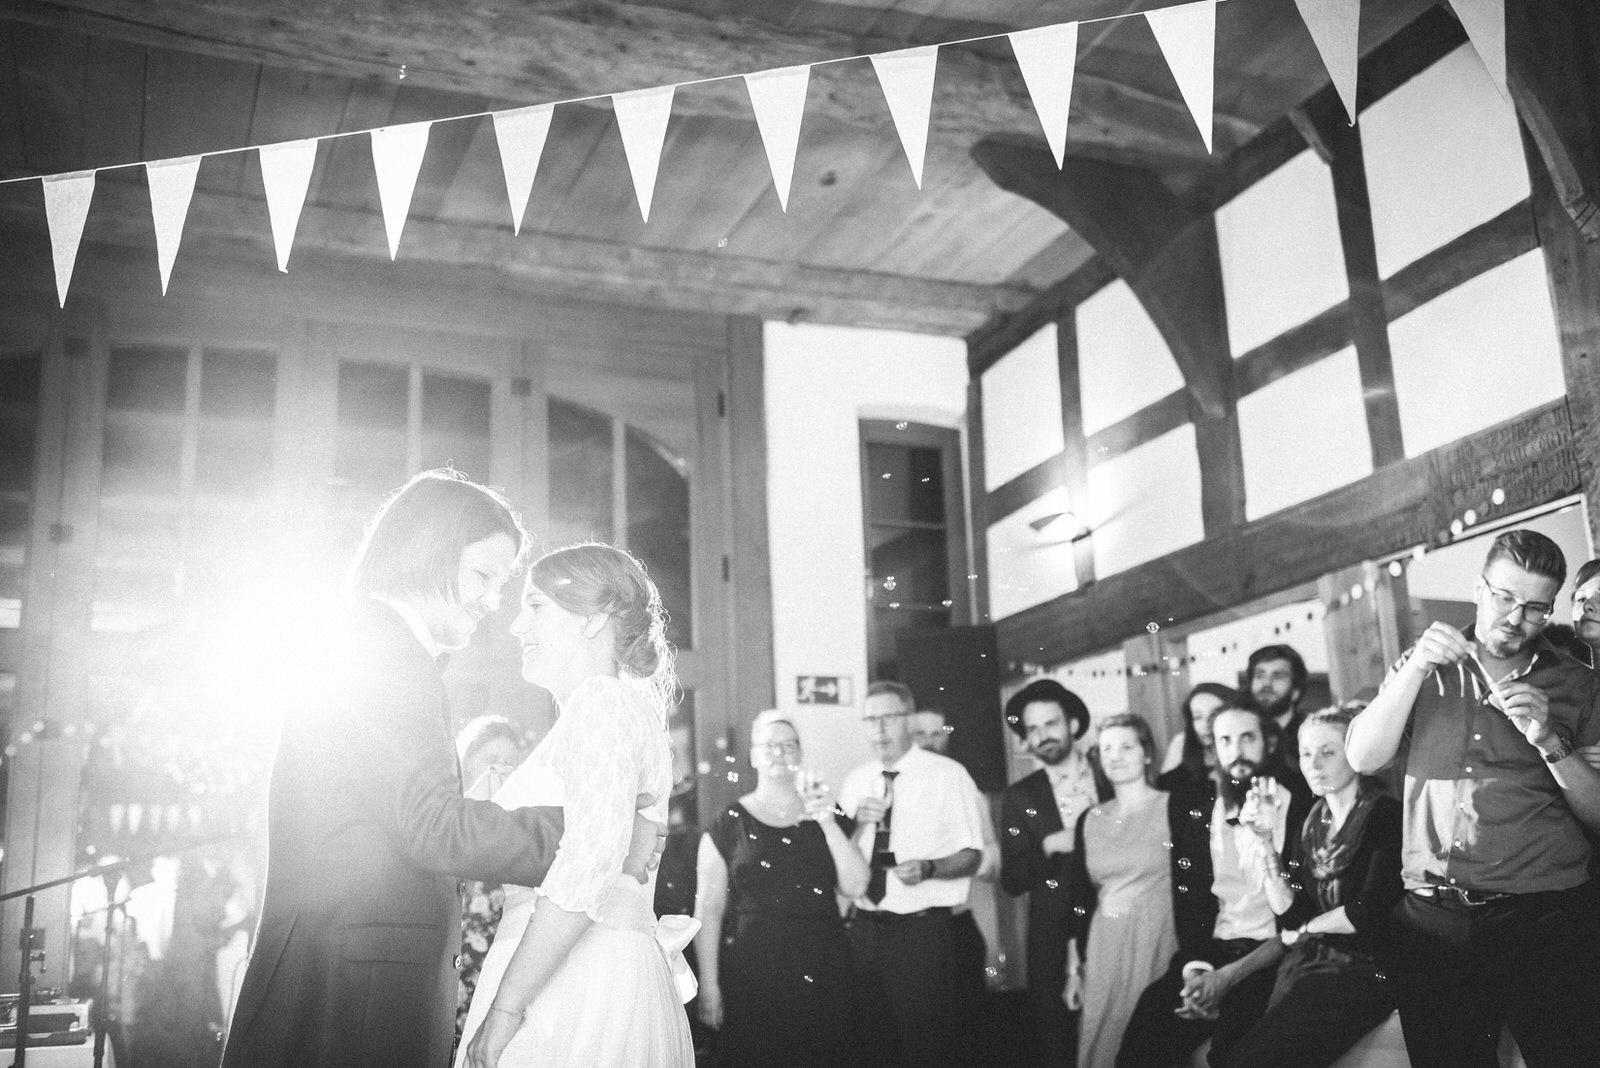 Hochzeitstanz auf der Boho Hochzeit Hochzeitsfotograf Bern Hochzeitsreportage Tanz und Party